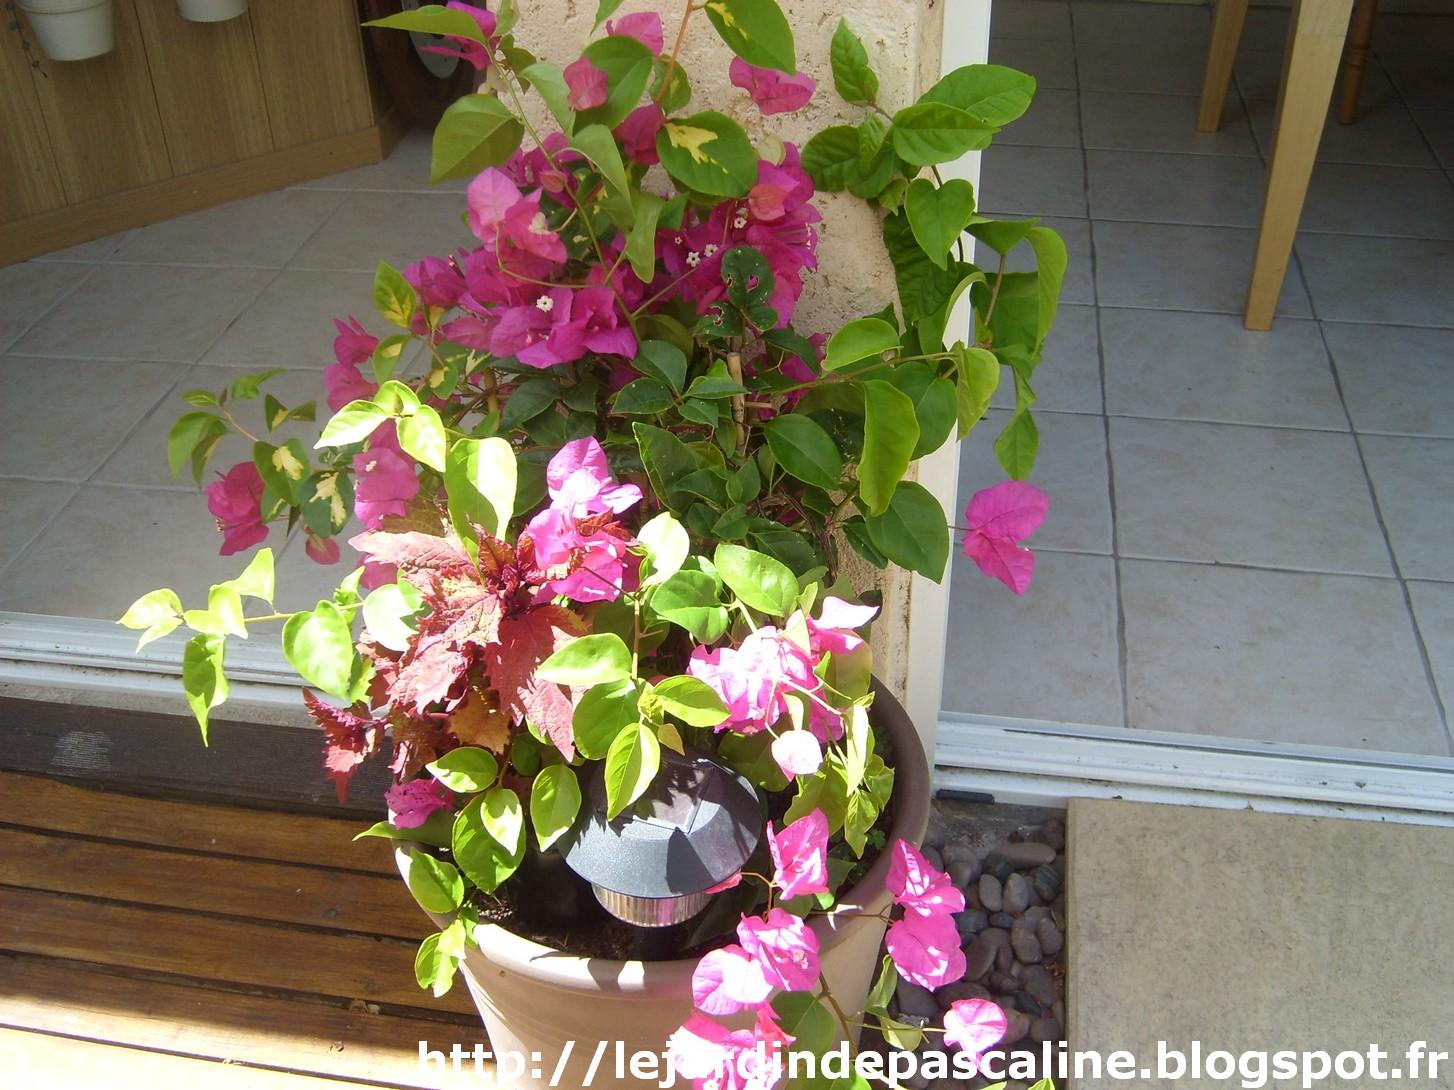 Le jardin de pascaline bouture de bougainvill e demi r ussite - Bouture de l hibiscus de jardin ...